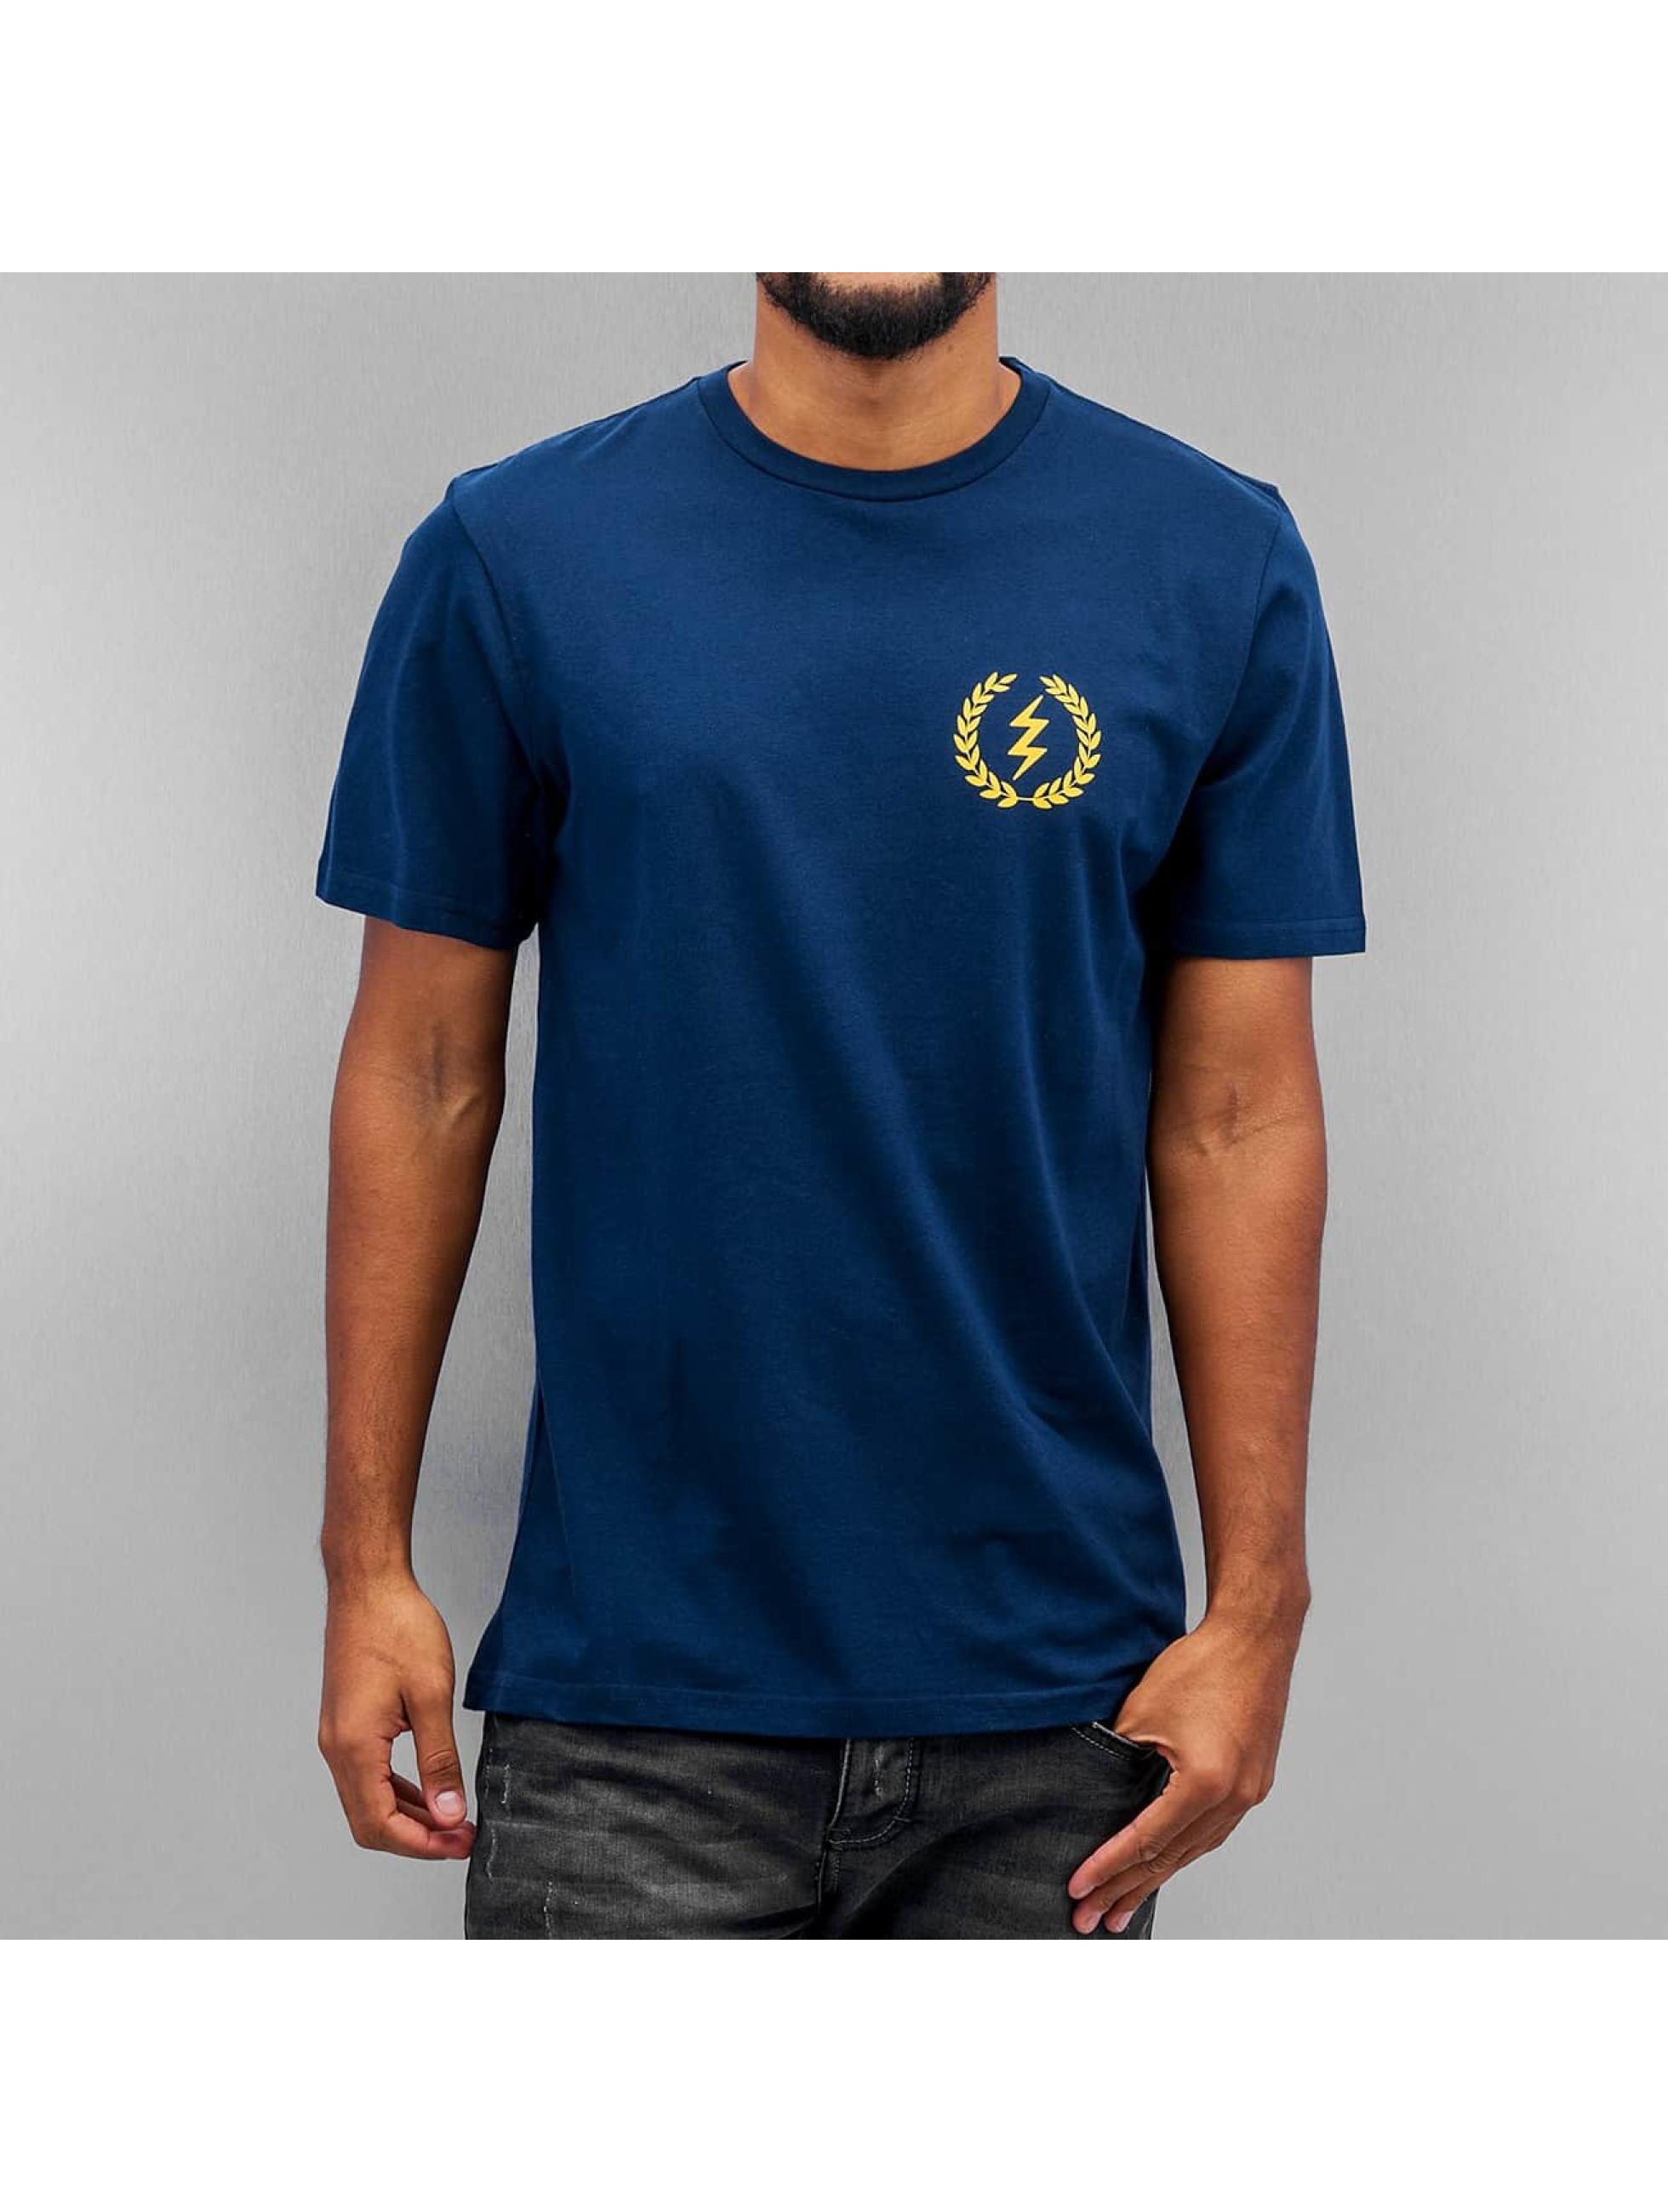 Electric T-shirt VOLT AWARD blå